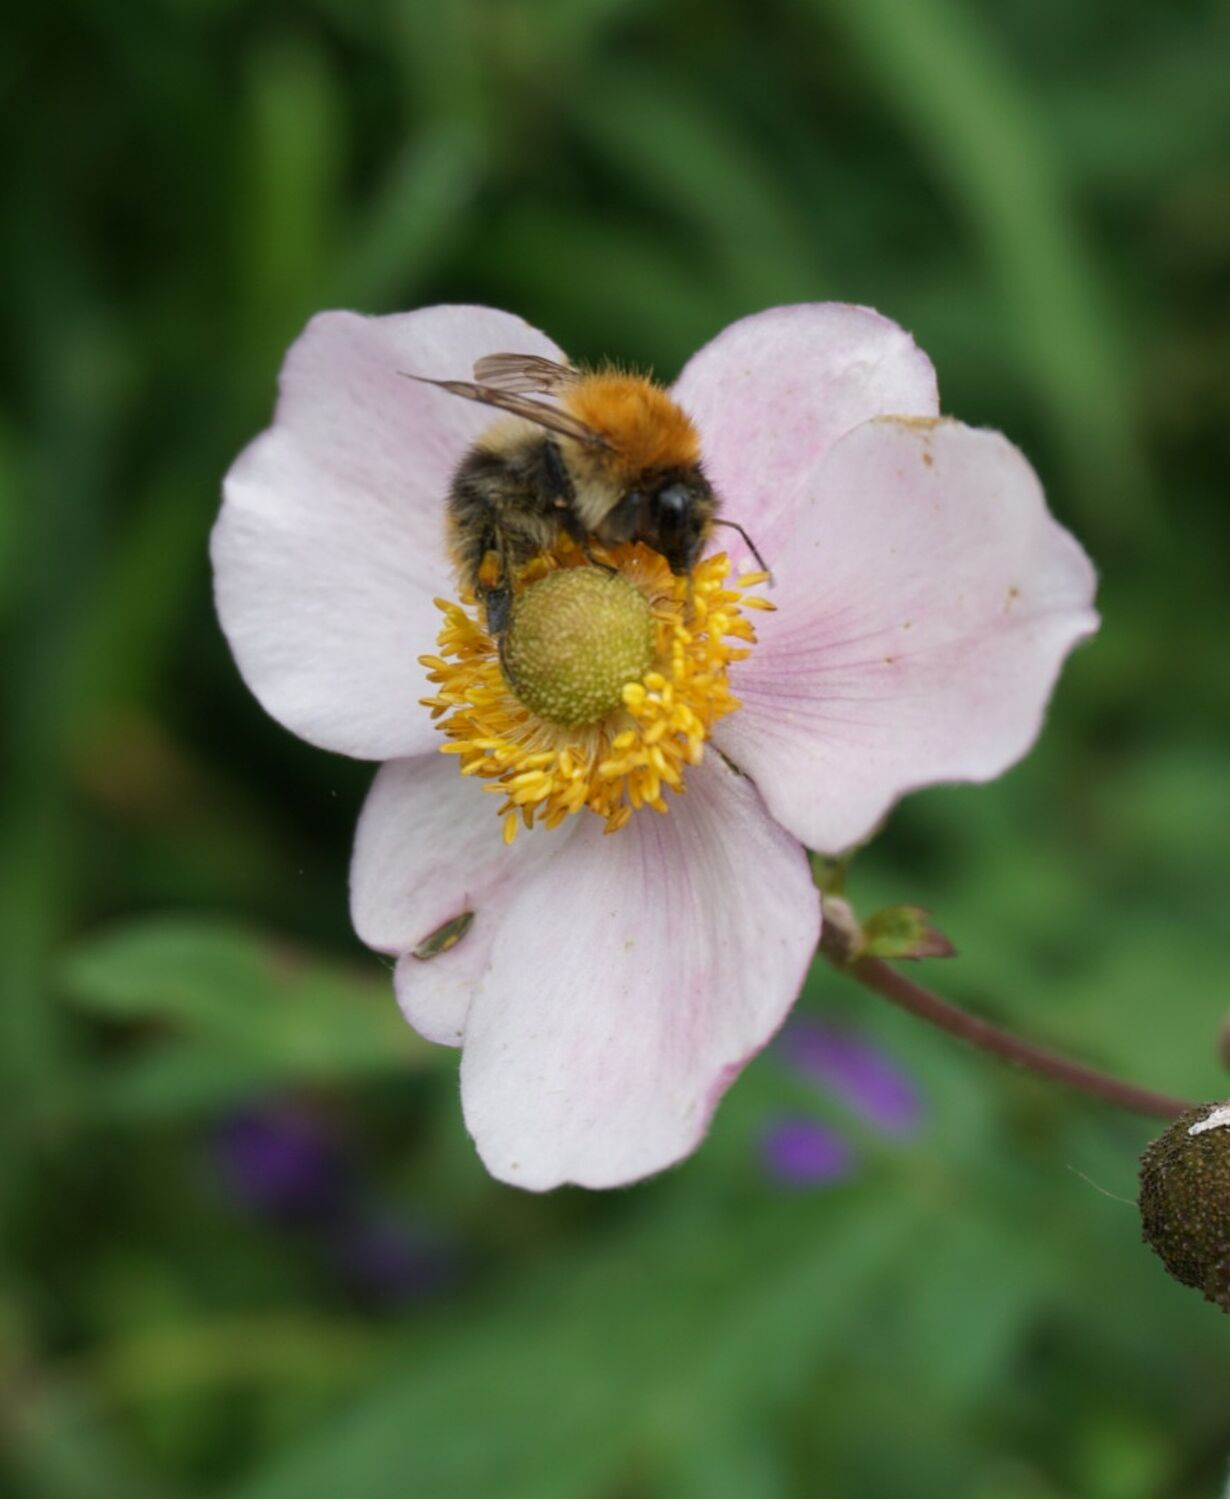 Bild mit Natur, Blumen, Makrofotografie, anemone, Anemonenblüten, hummel